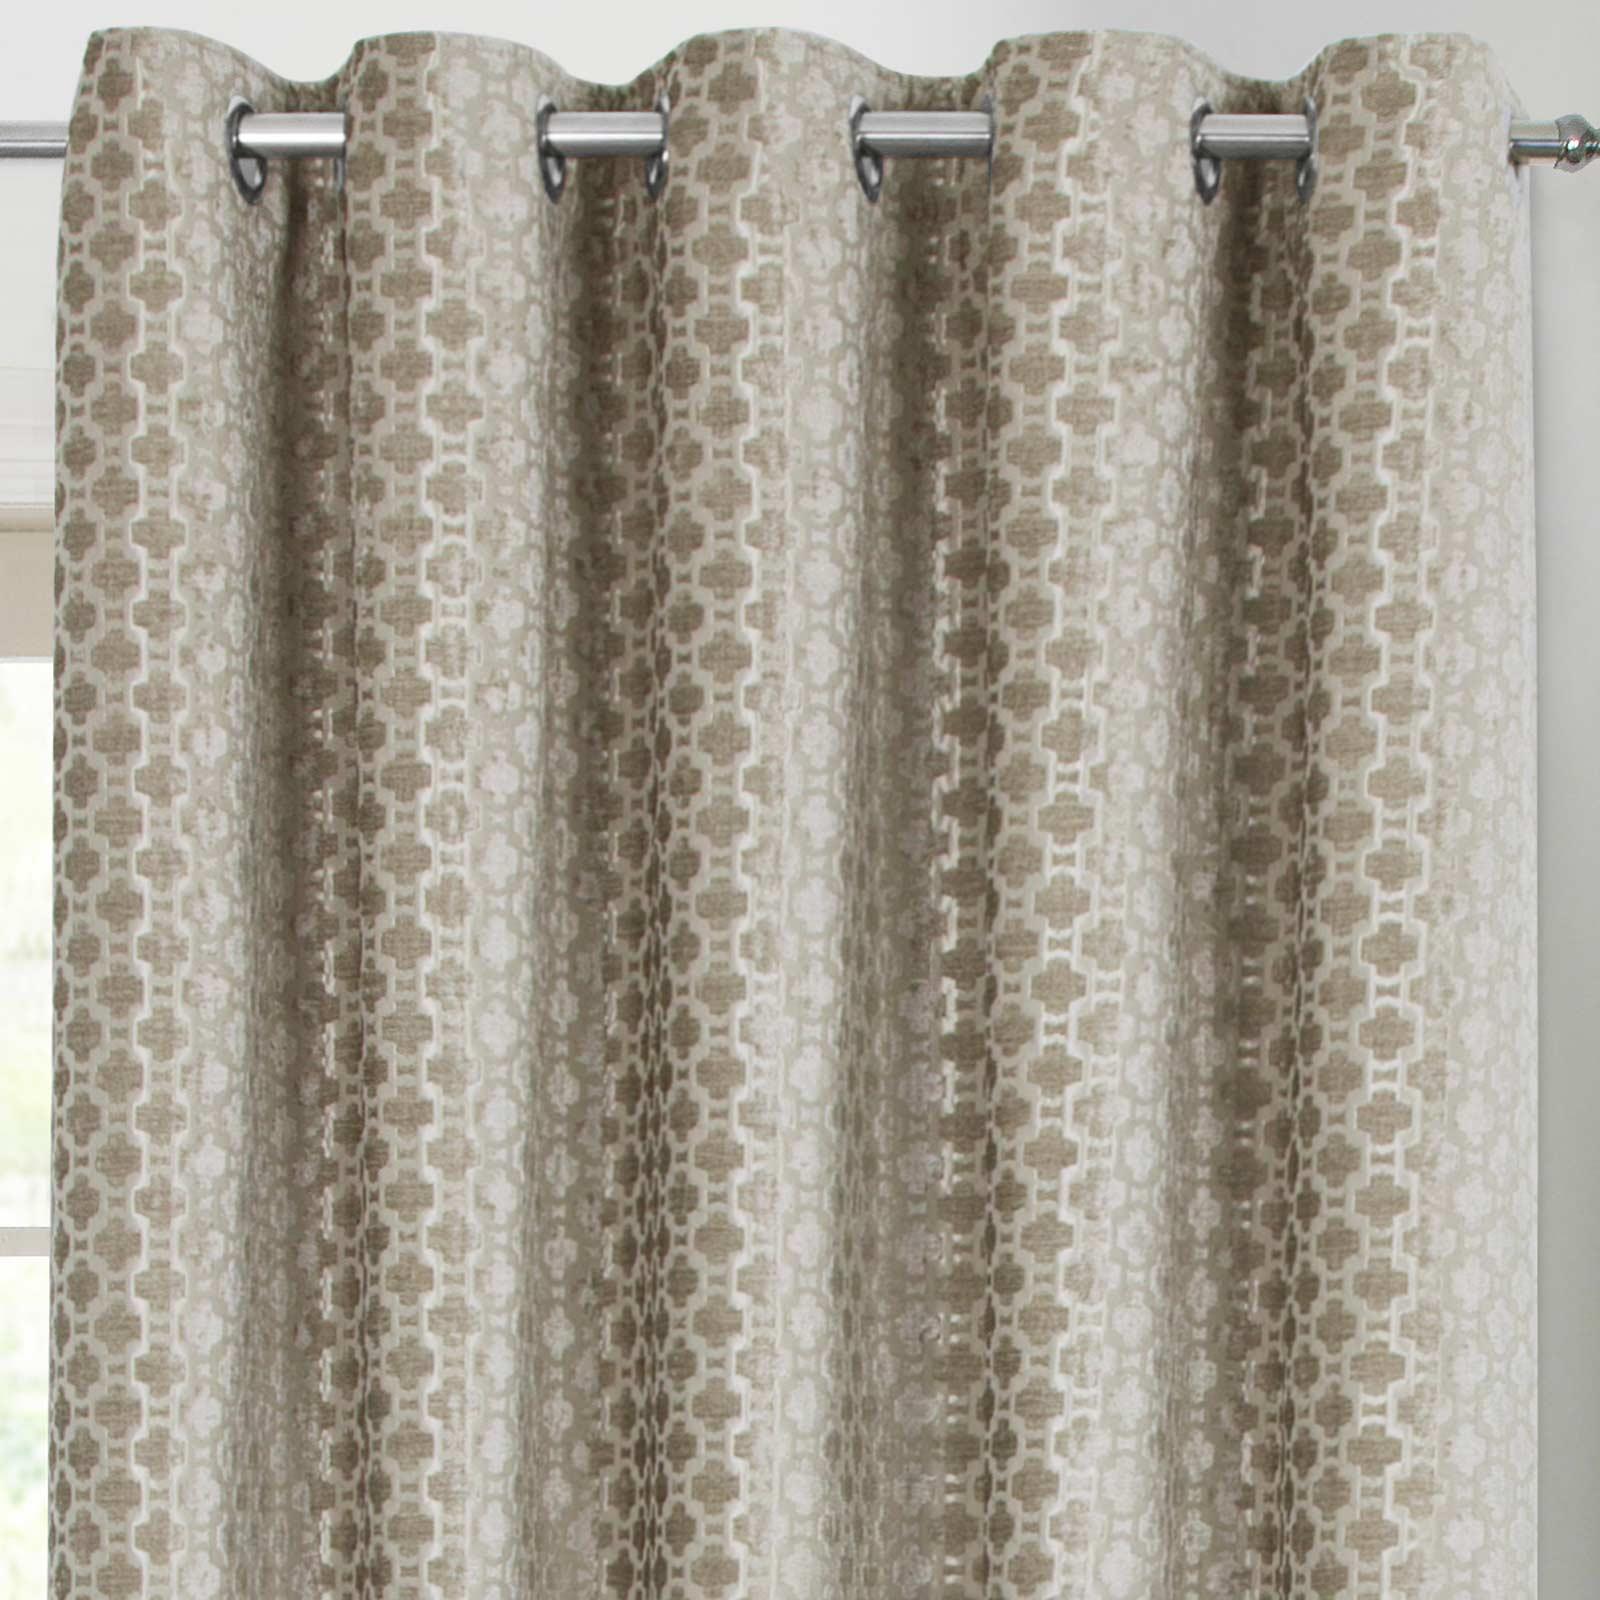 Cortinas con Ojales de color beige Crushed Velvet preparado con anillos superiores Cortina Pares